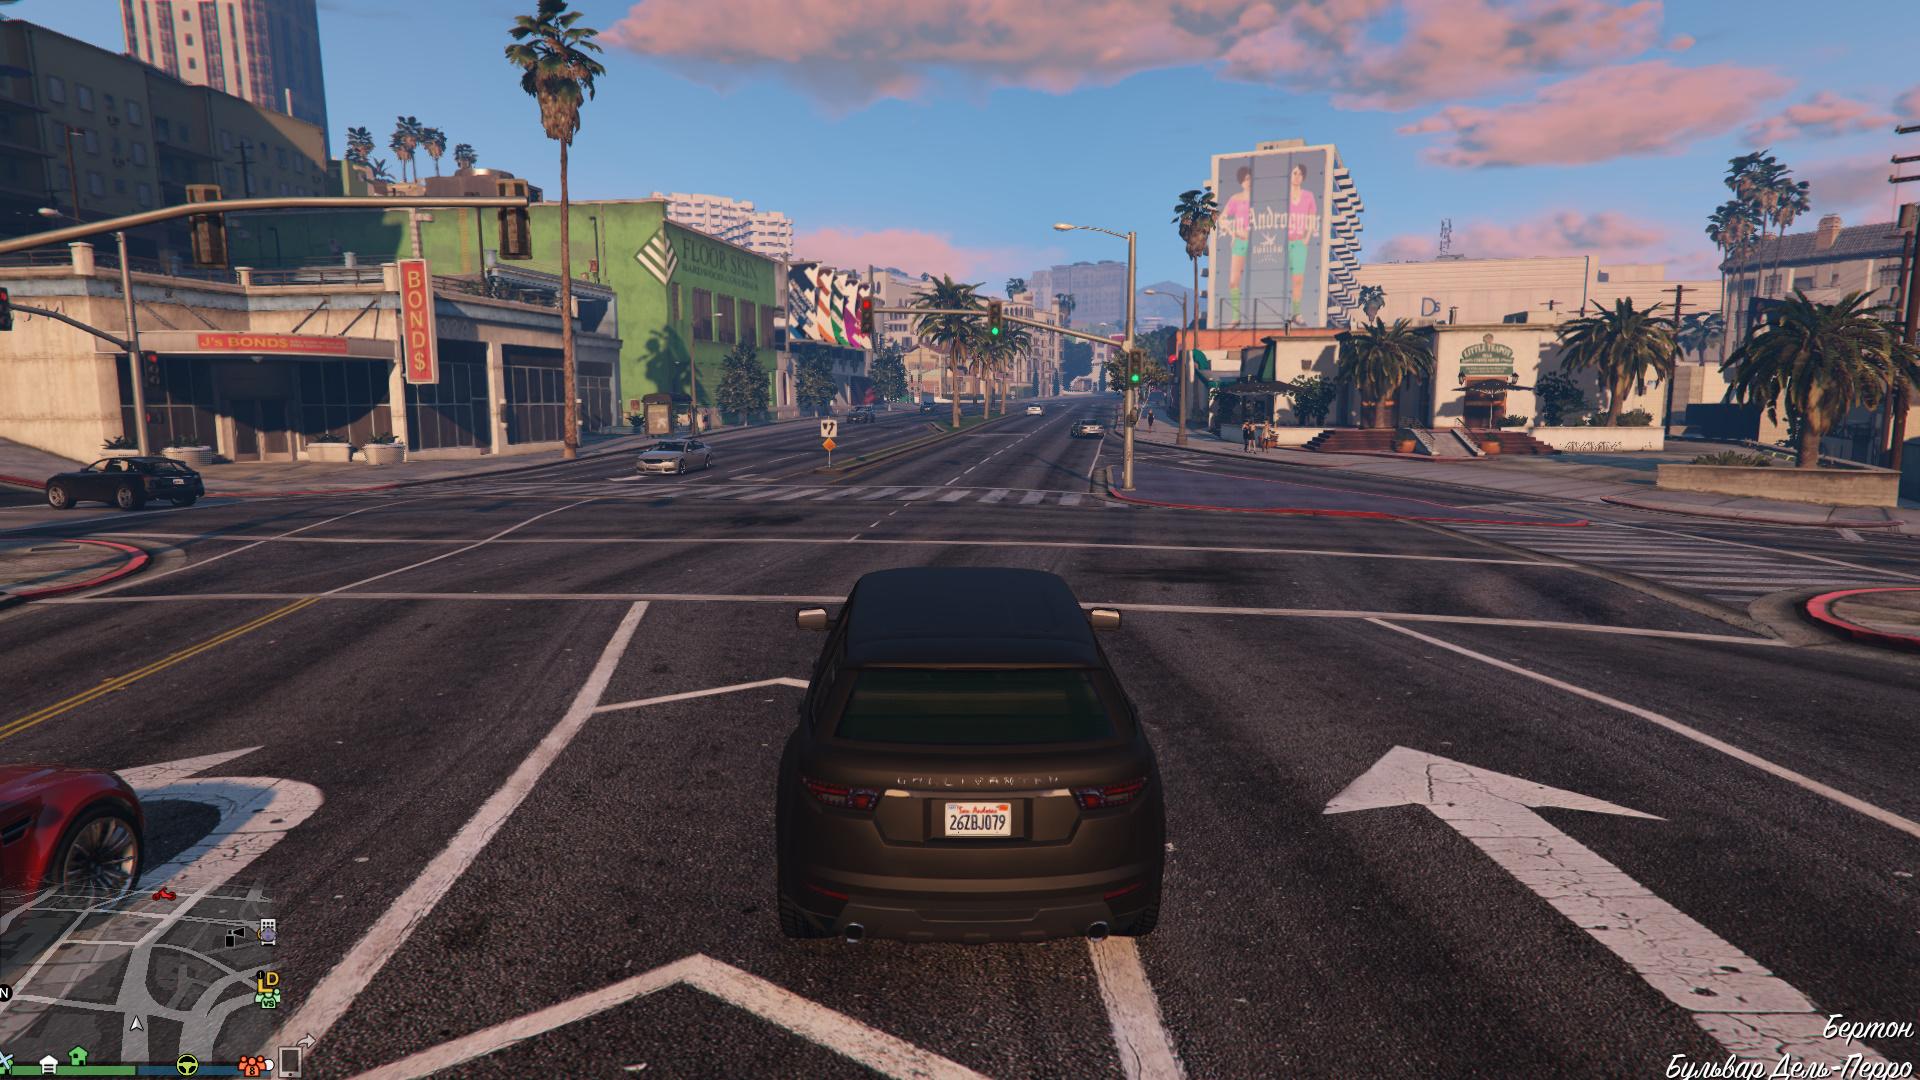 GTA5 2017-04-18 16-25-07-643.jpg - Grand Theft Auto 5 Открытый мир